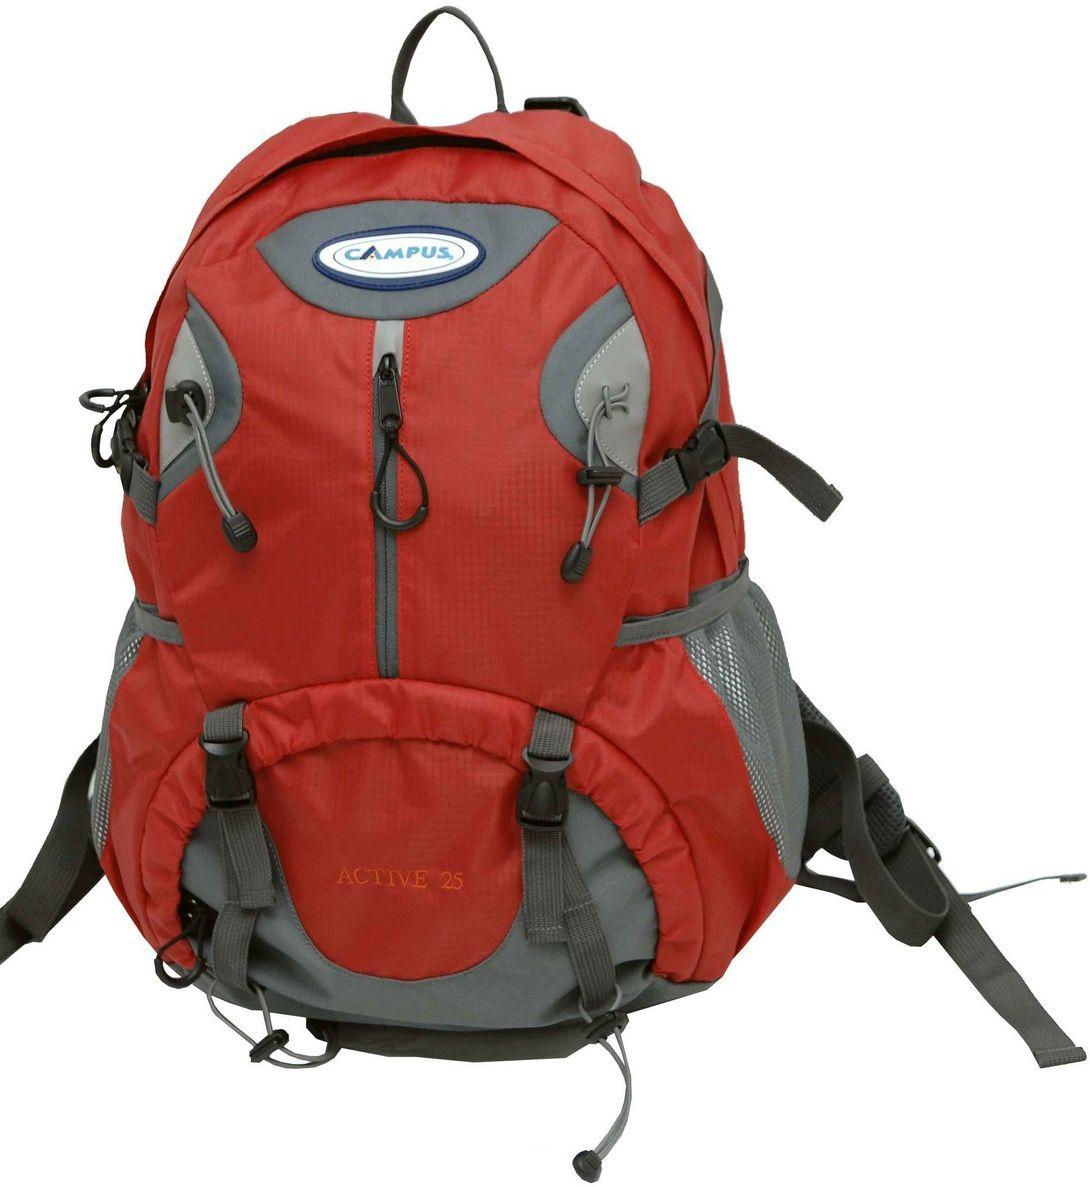 Σακίδιο Πλάτης 25lt Active 25 Κόκκινο Campus 810-6111-9 σακίδια   τσάντες   ορειβατικά σακίδια